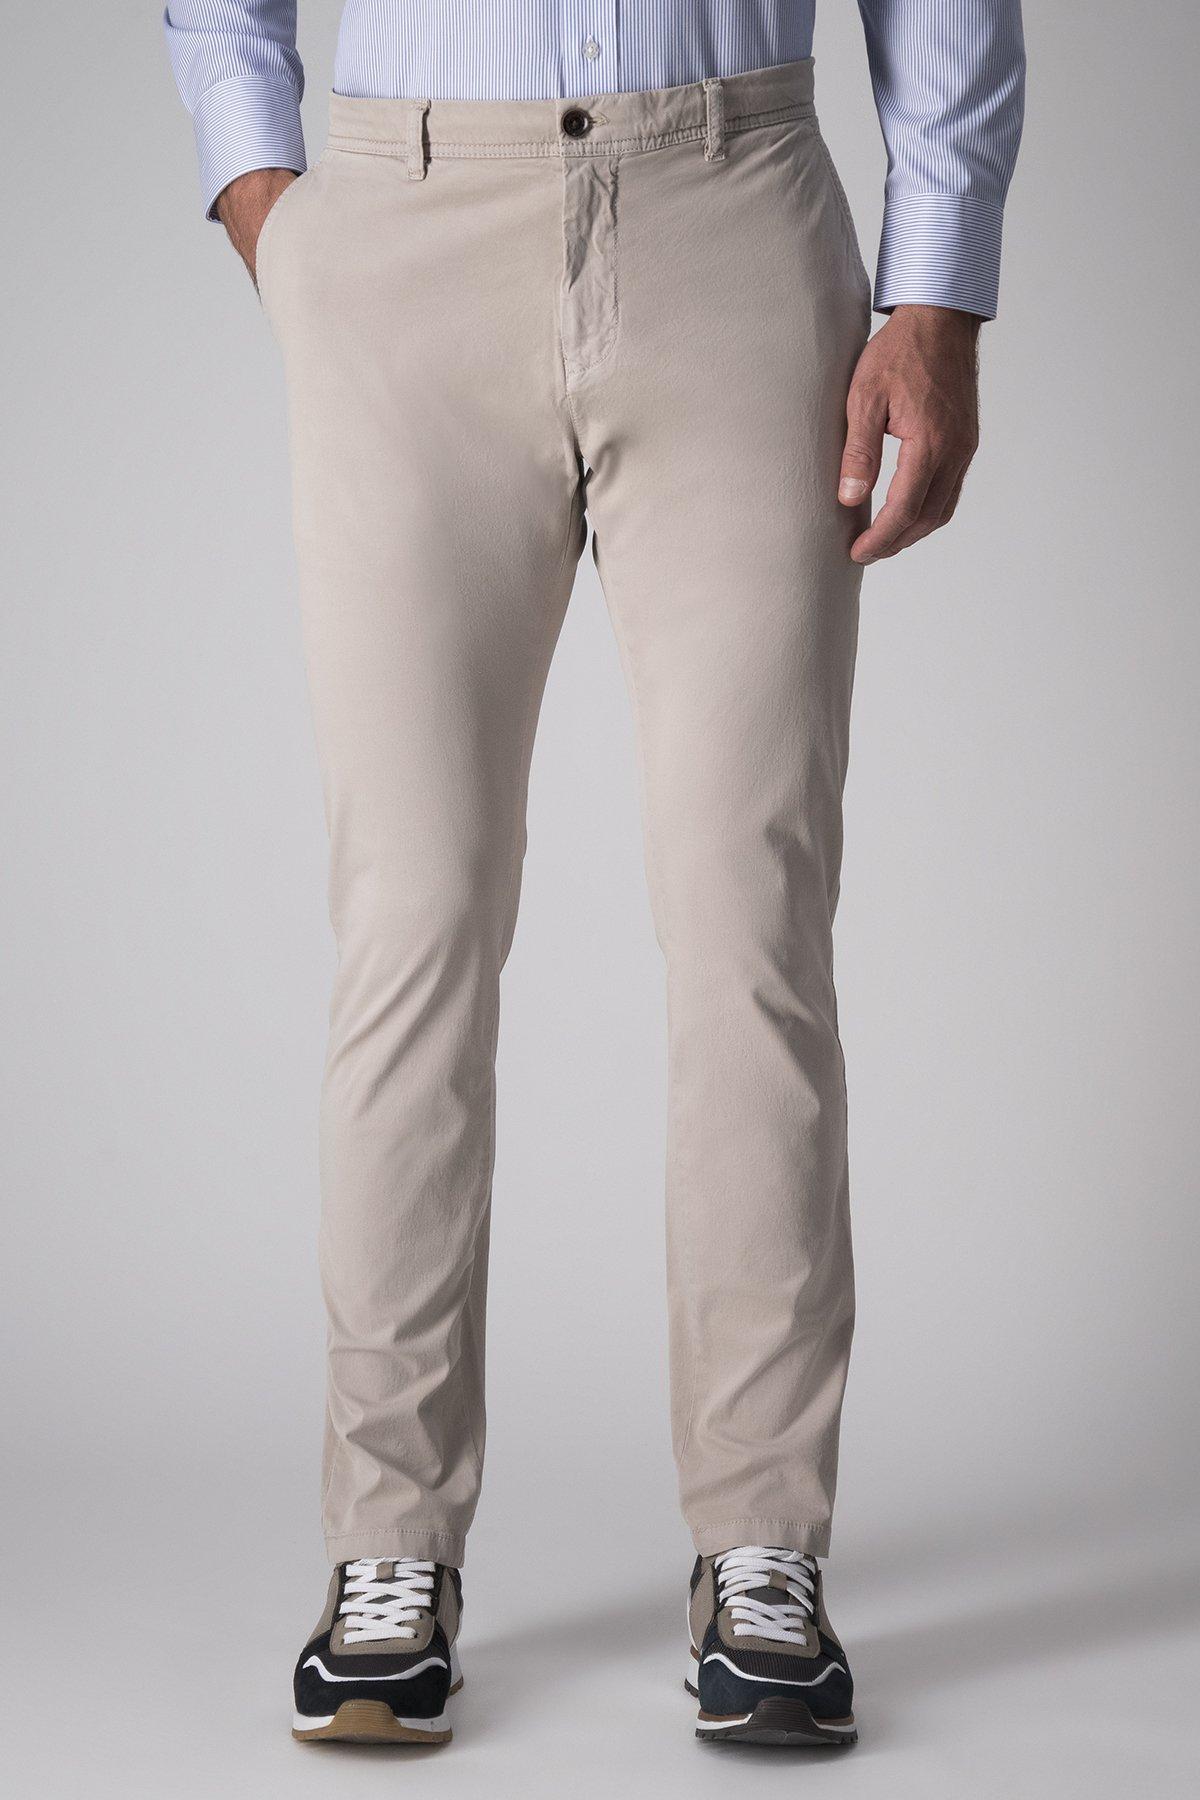 Pantalón Casual Robert´s, liso beige, algodón y elastano.